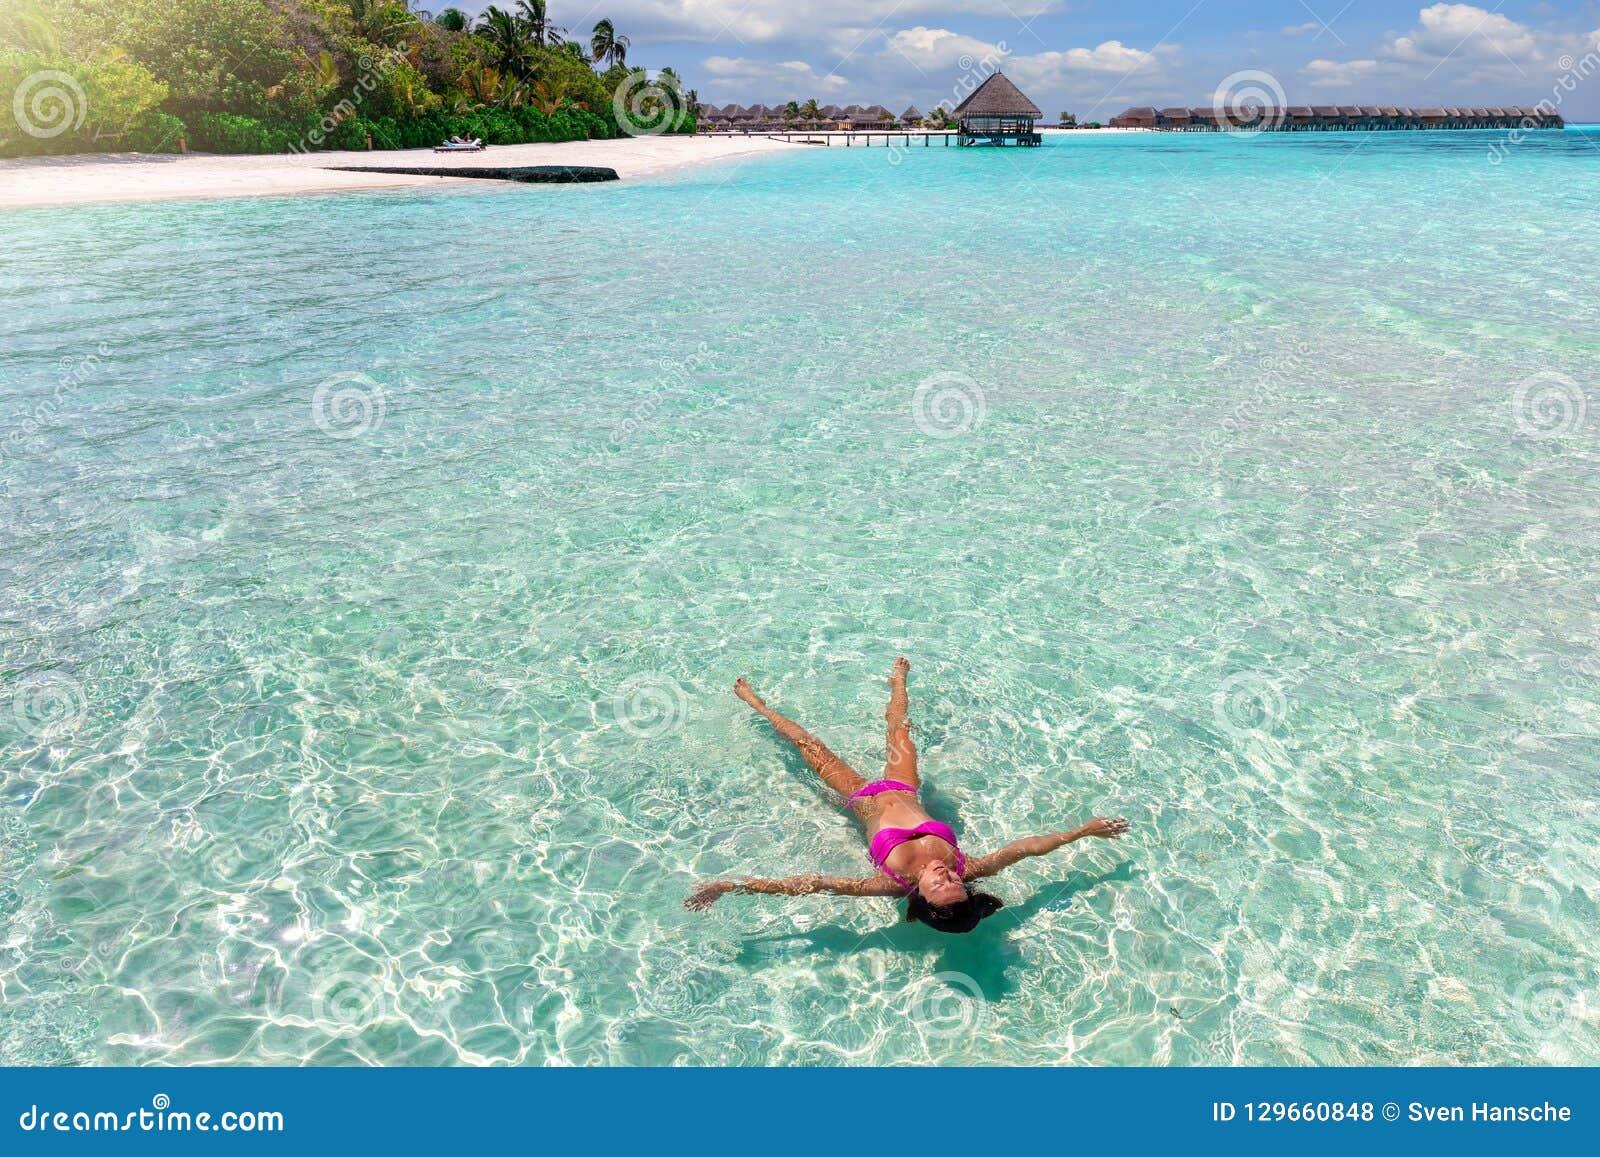 比基尼泳装浮游物的妇女在绿松石,马尔代夫的热带海